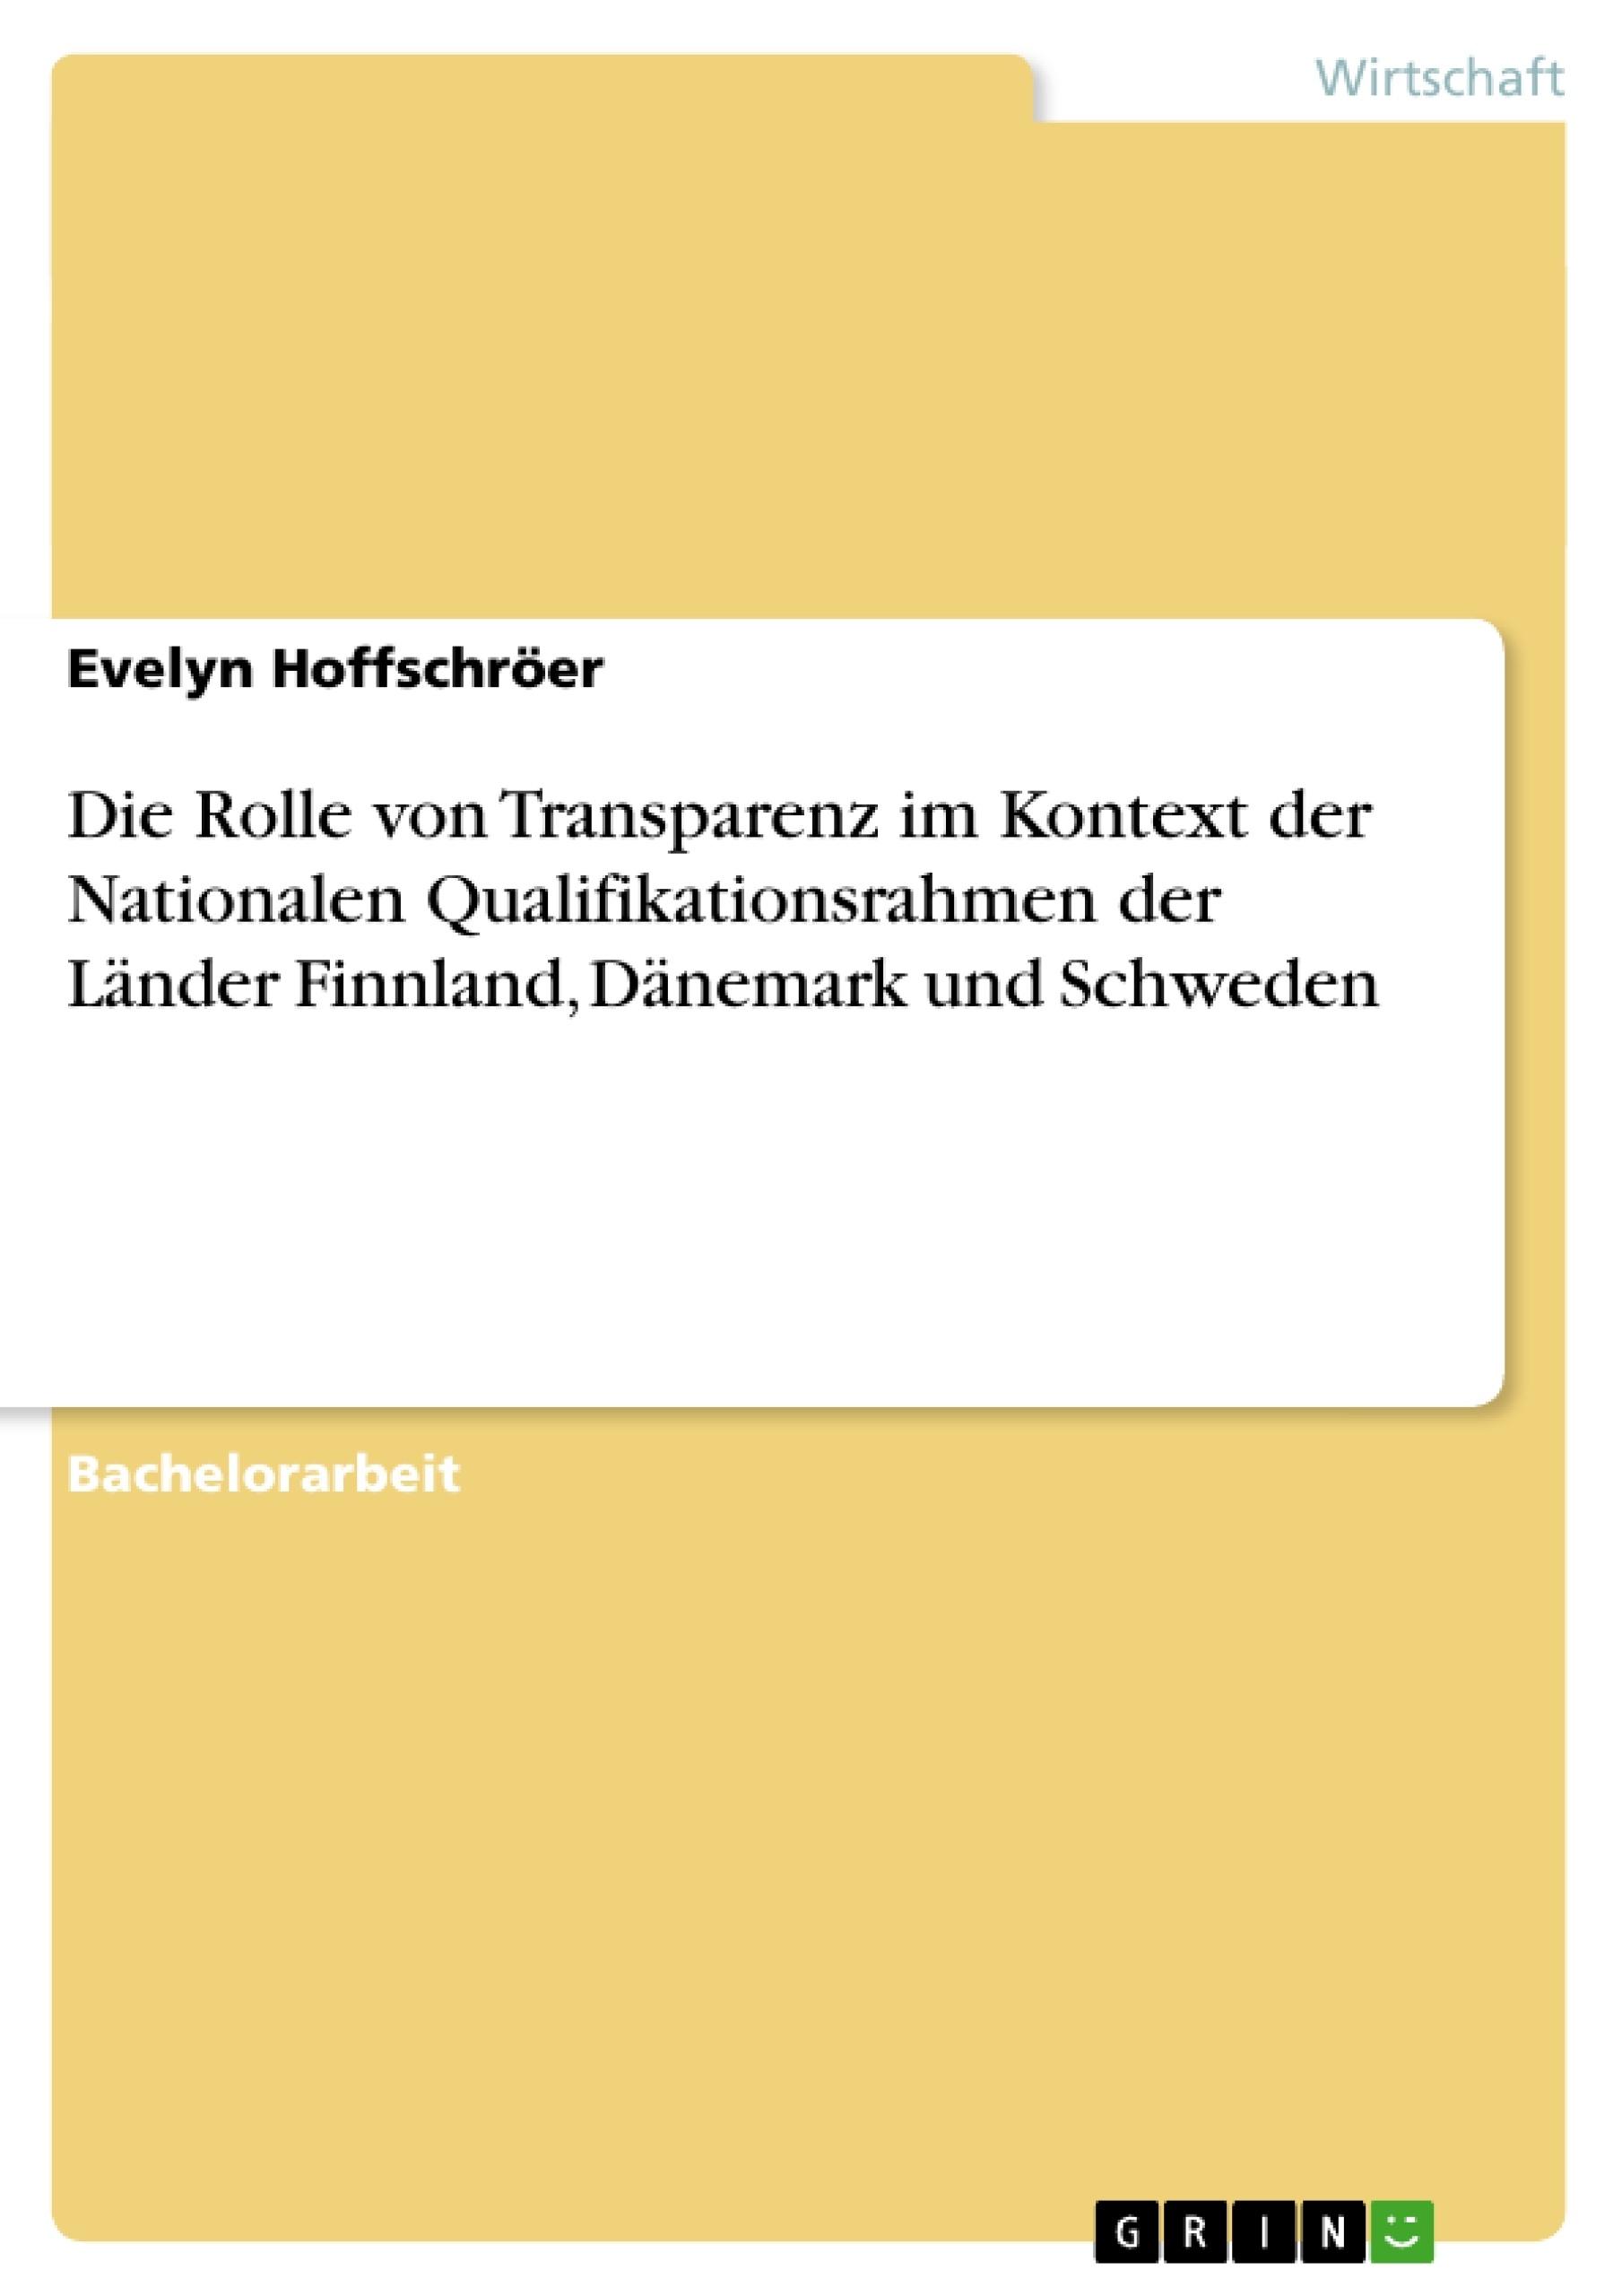 Titel: Die Rolle von Transparenz im Kontext der Nationalen Qualifikationsrahmen der Länder Finnland, Dänemark und Schweden